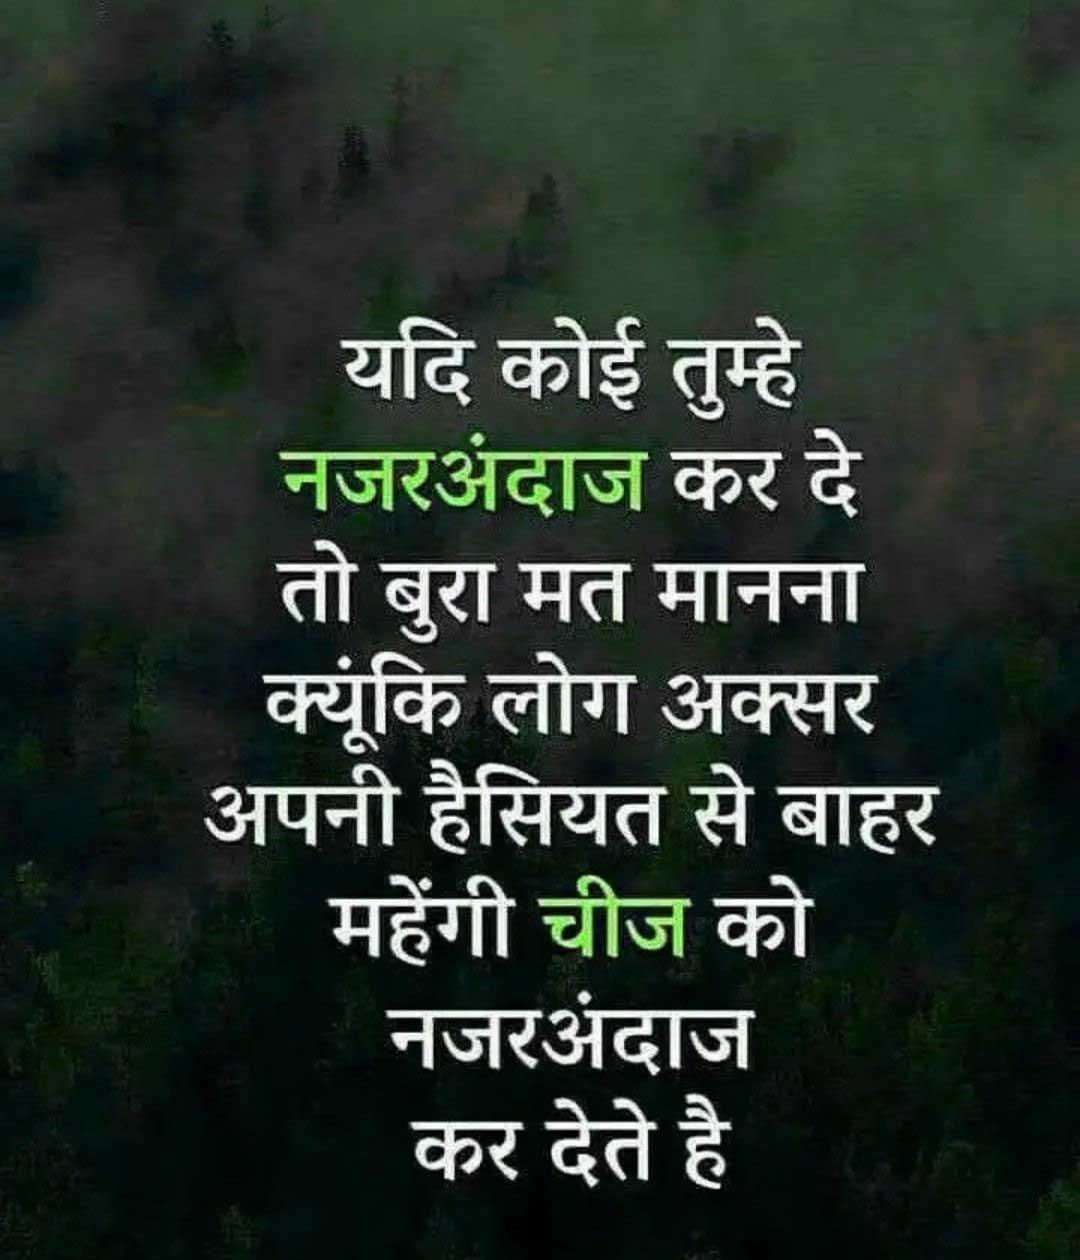 Hindi Life Quotes Whatsapp DP Wallpaper